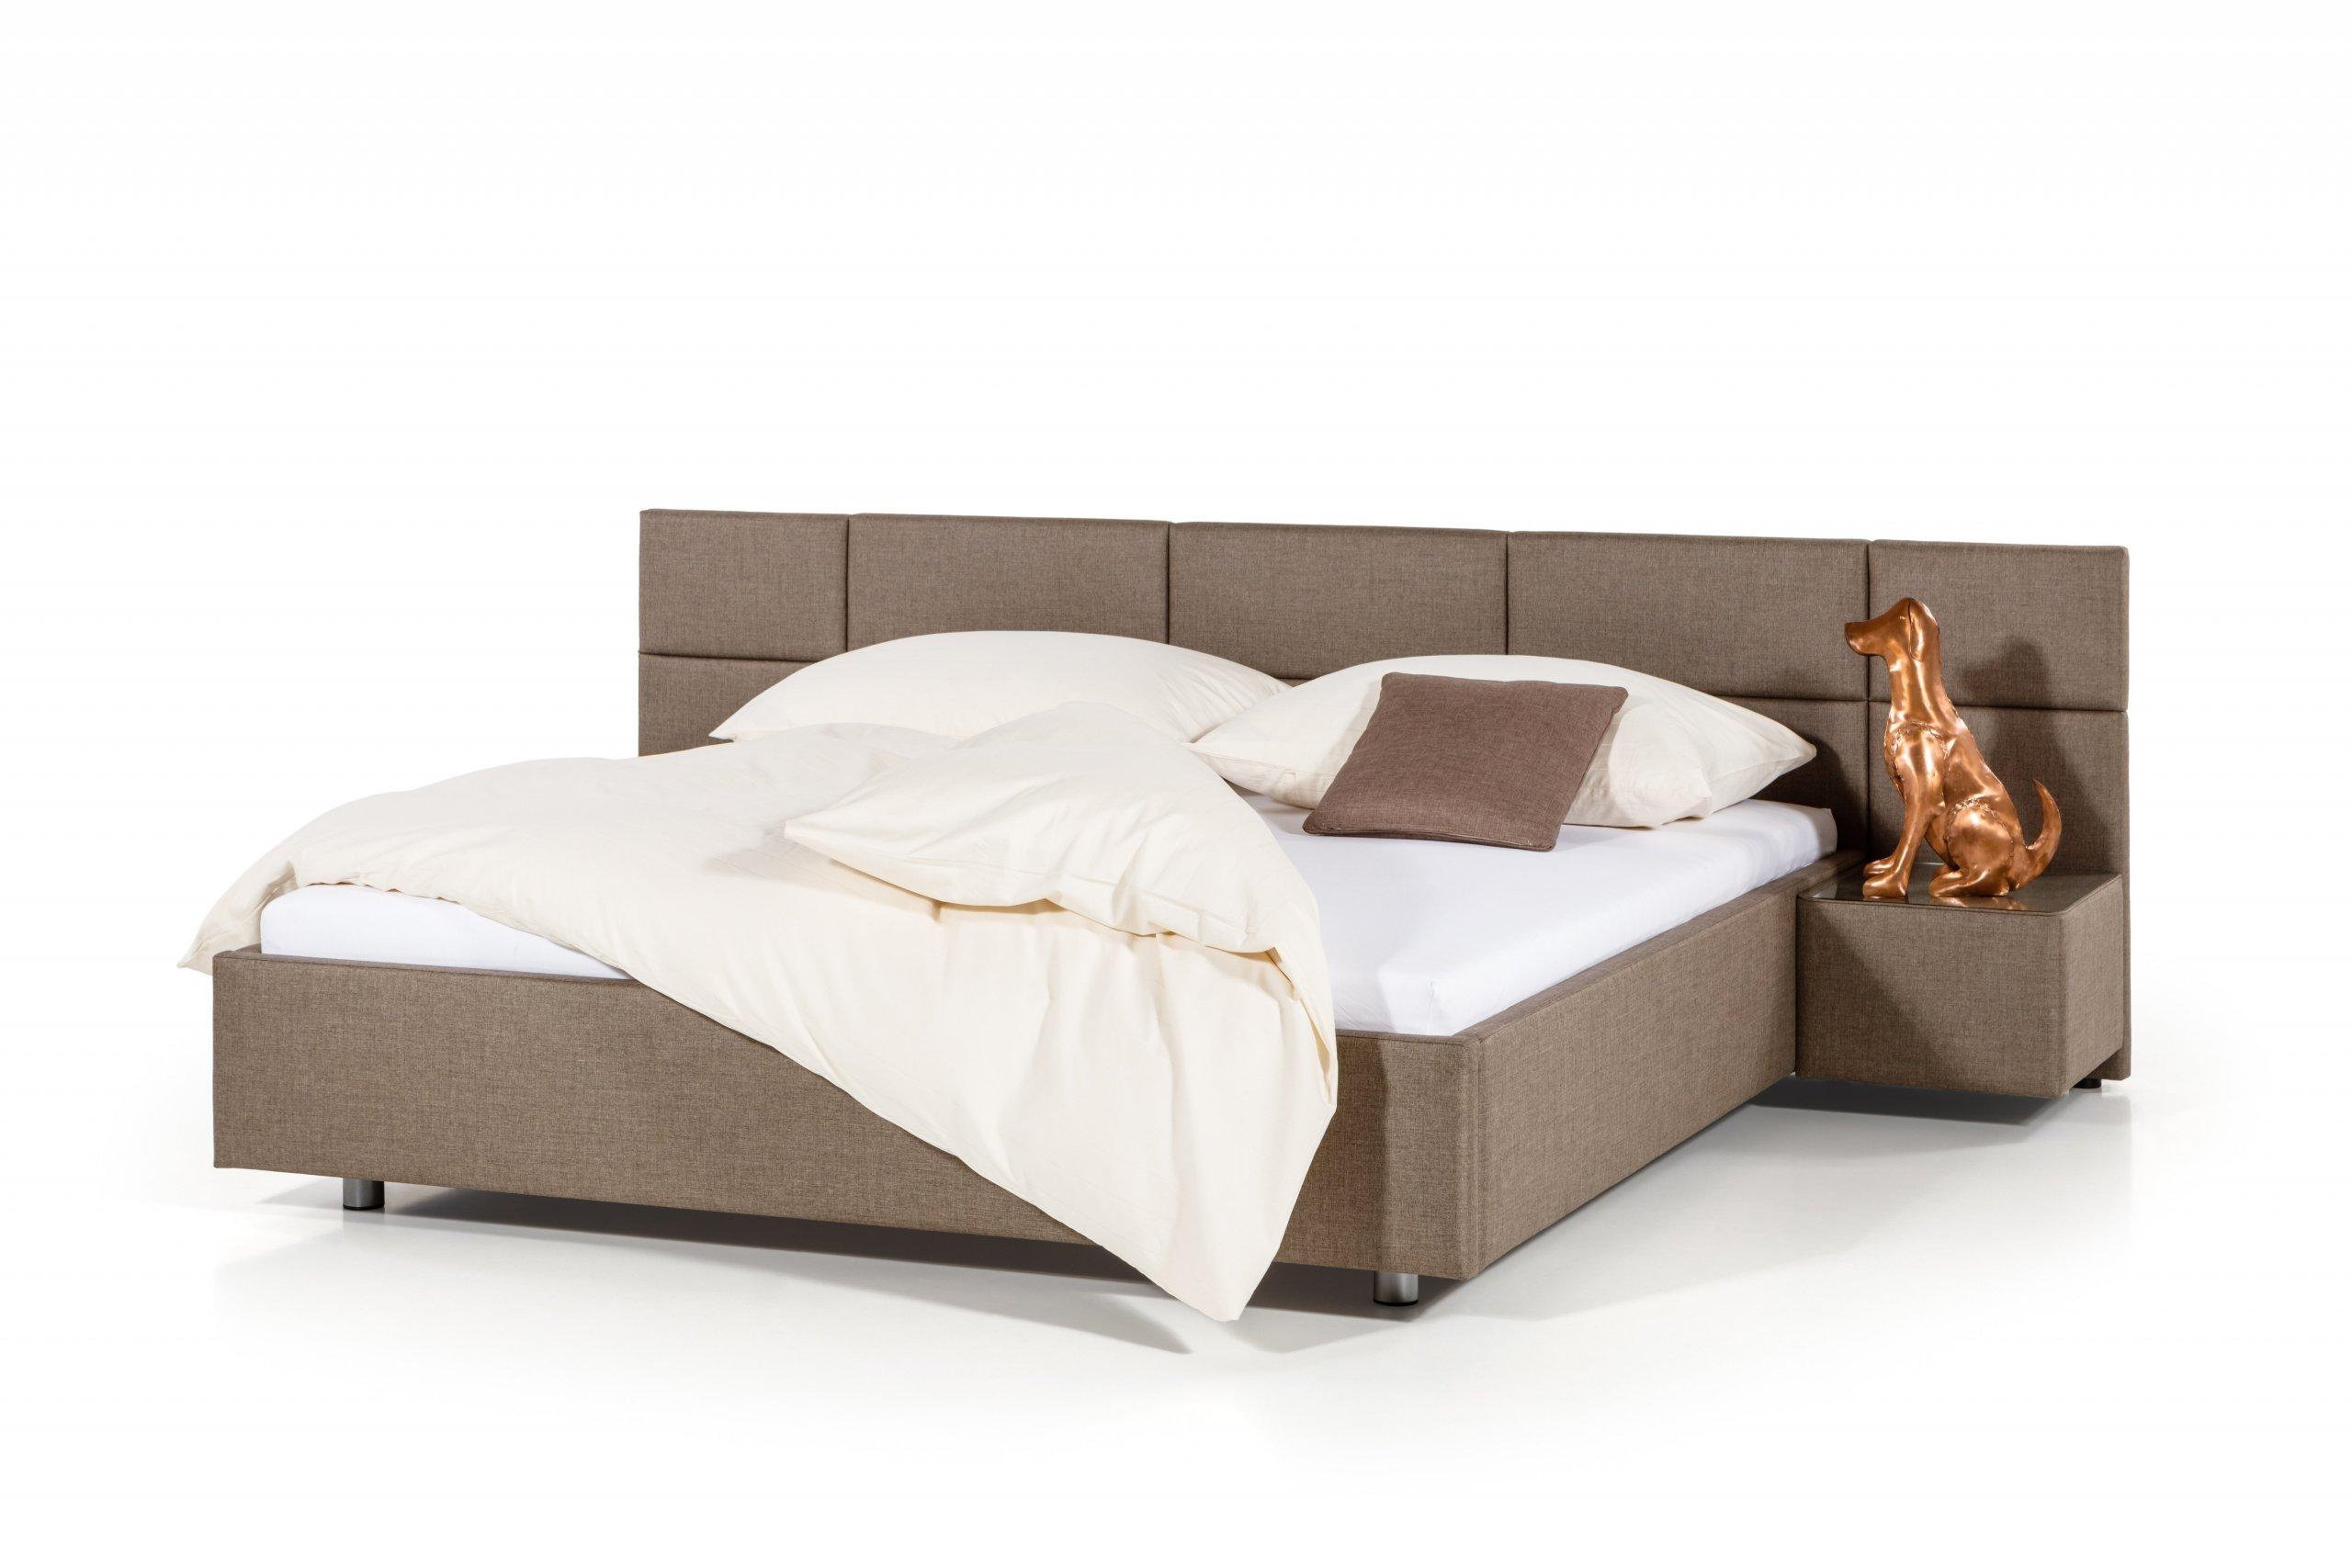 Čalouněná postel s čelem poskládaným ze symetrických obdélníků. Lze přidat noční stolky.  - stabilní pevná konstrukce - pohodlná výška pro vstávání 45 cm -…